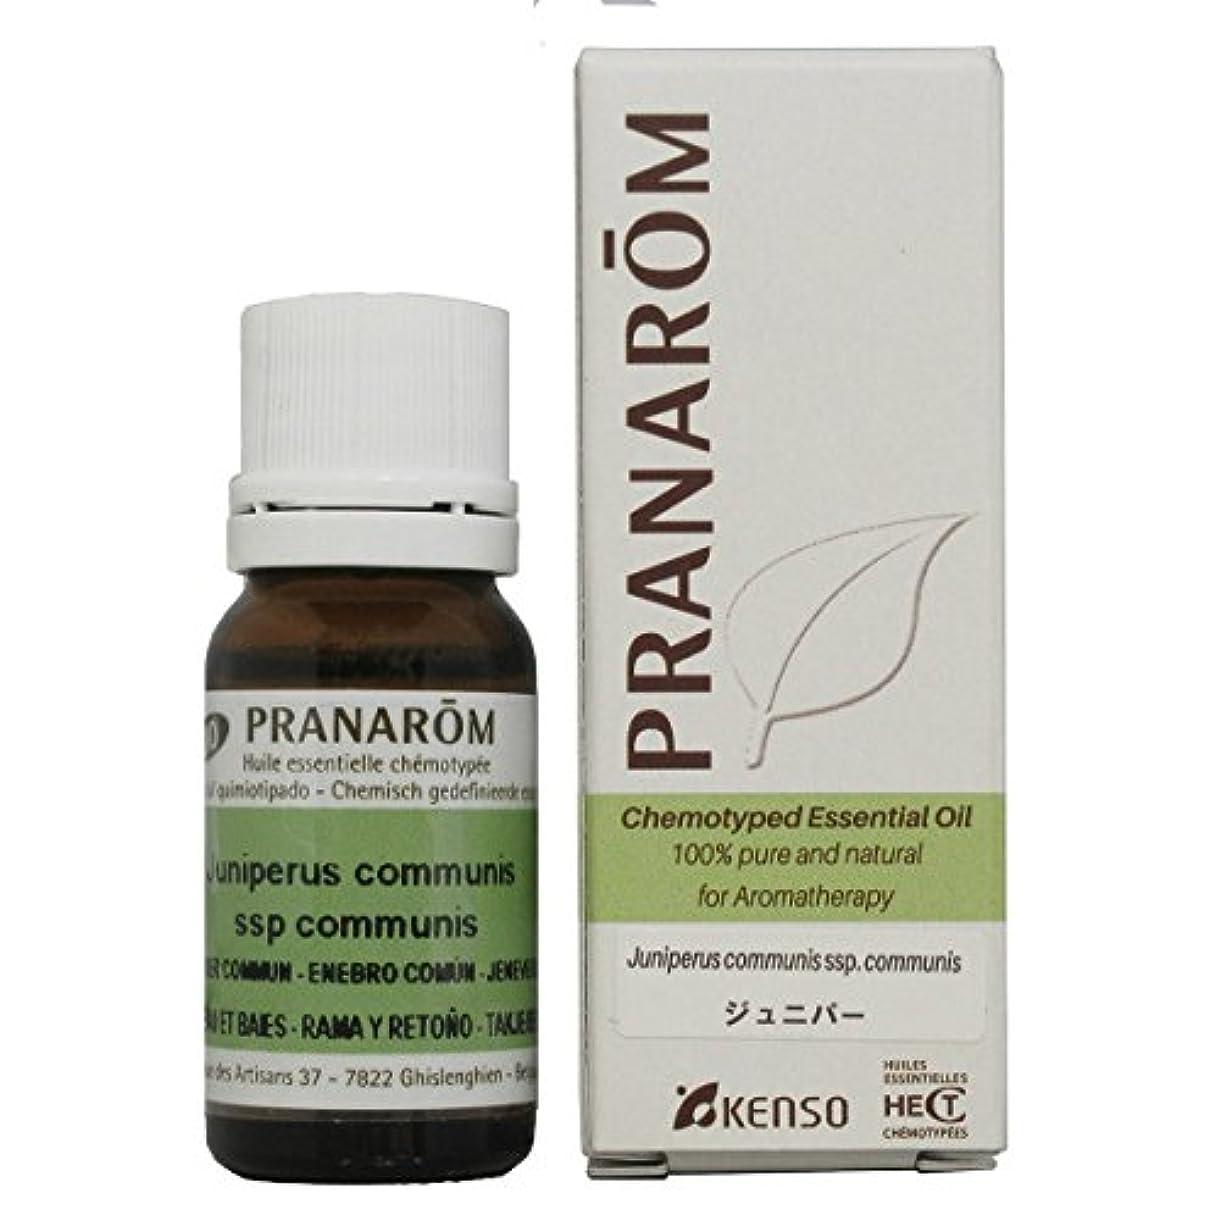 アプローチ慎重に蓮プラナロム ジュニパー(葉枝) 10ml (PRANAROM ケモタイプ精油)